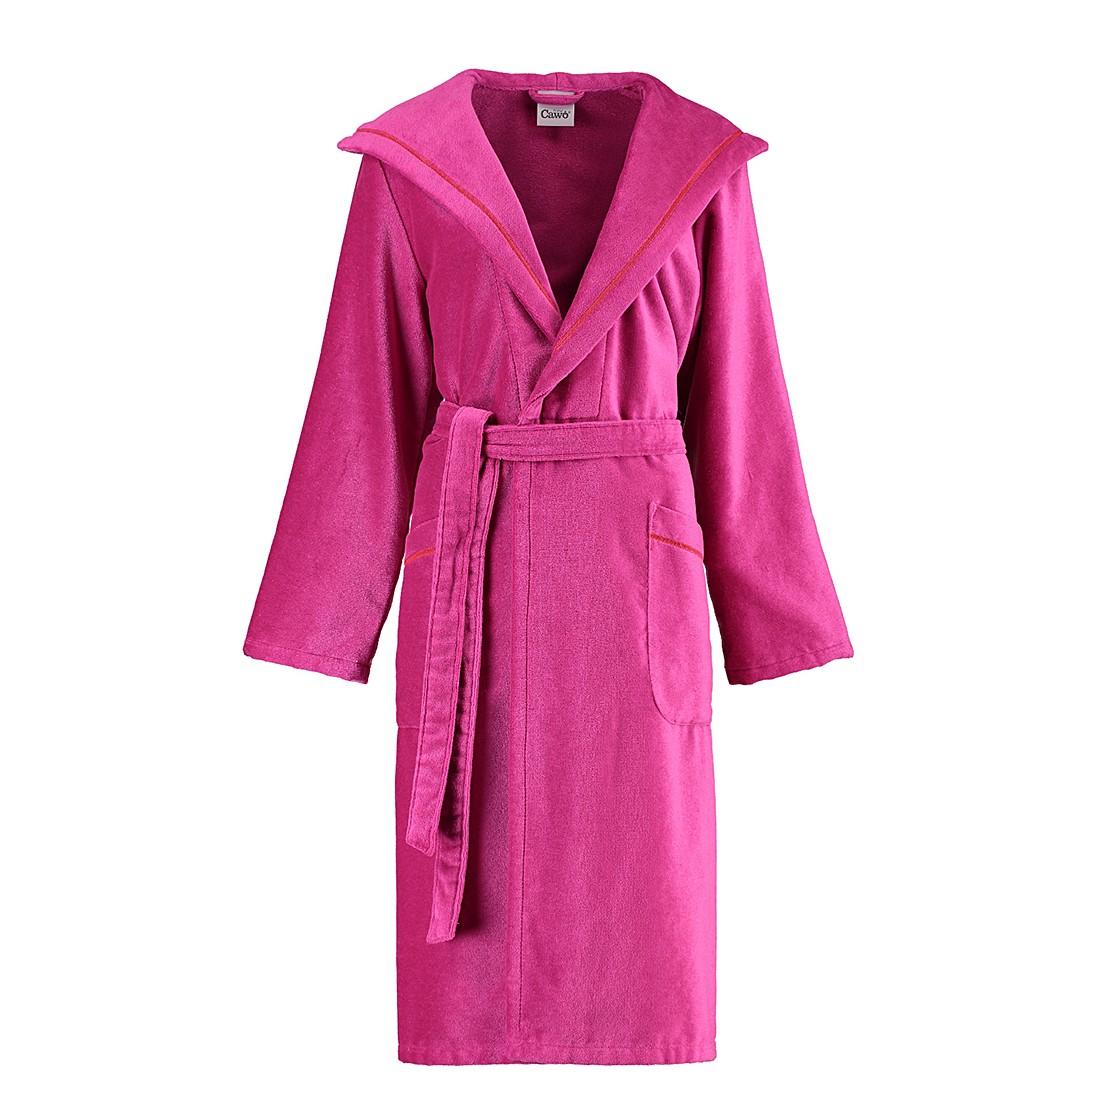 Bademäntel Damen Velours Casa 3334 – Baumwolle – Pink – L, Cawö online kaufen